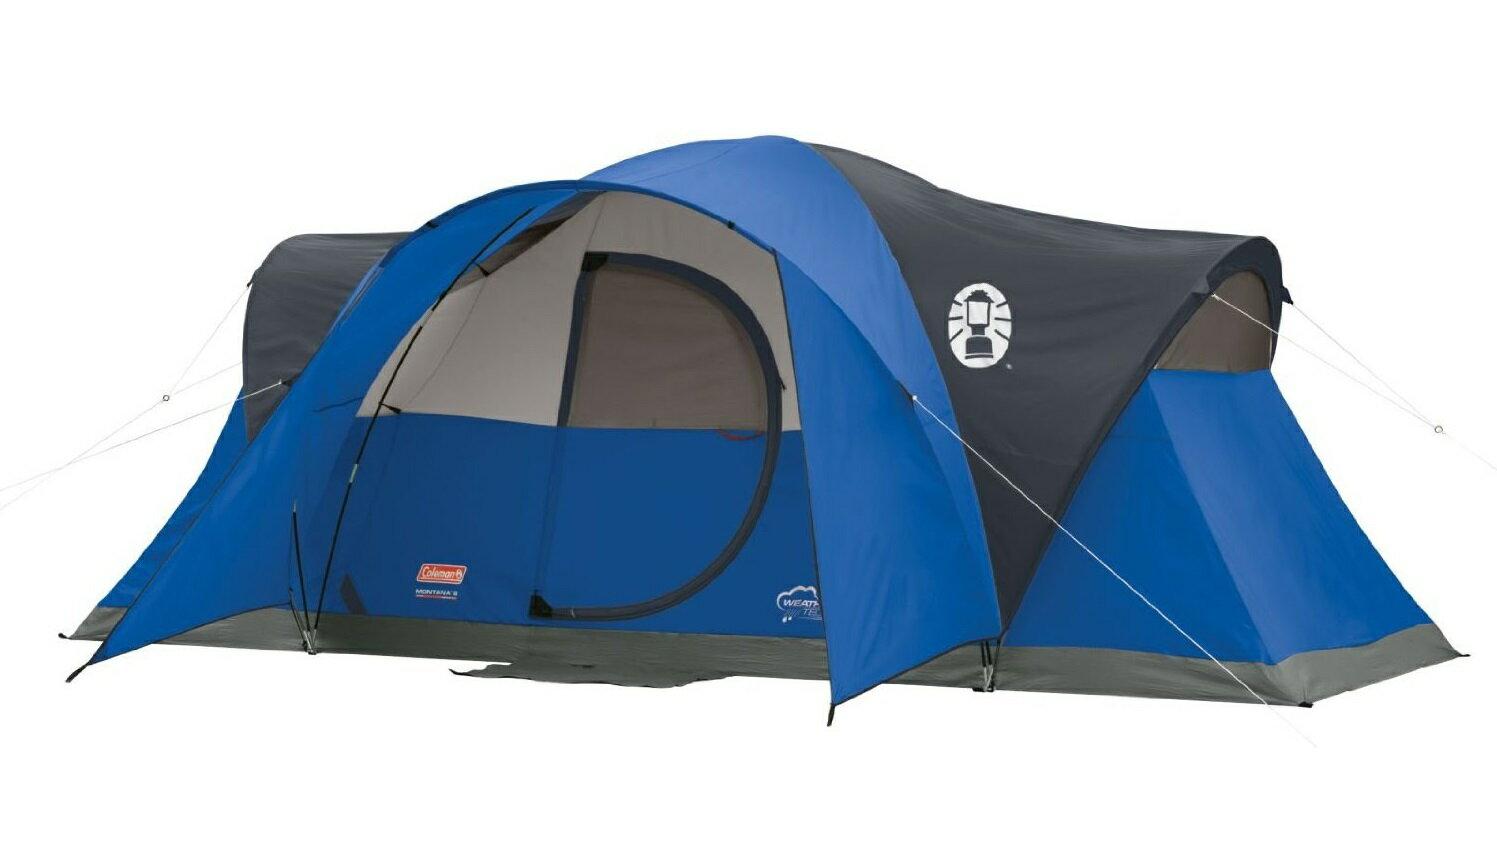 コールマン モンタナ 8人用 ドームテント ブルー 大型テント Coleman Montana 8-Person Tent Blue